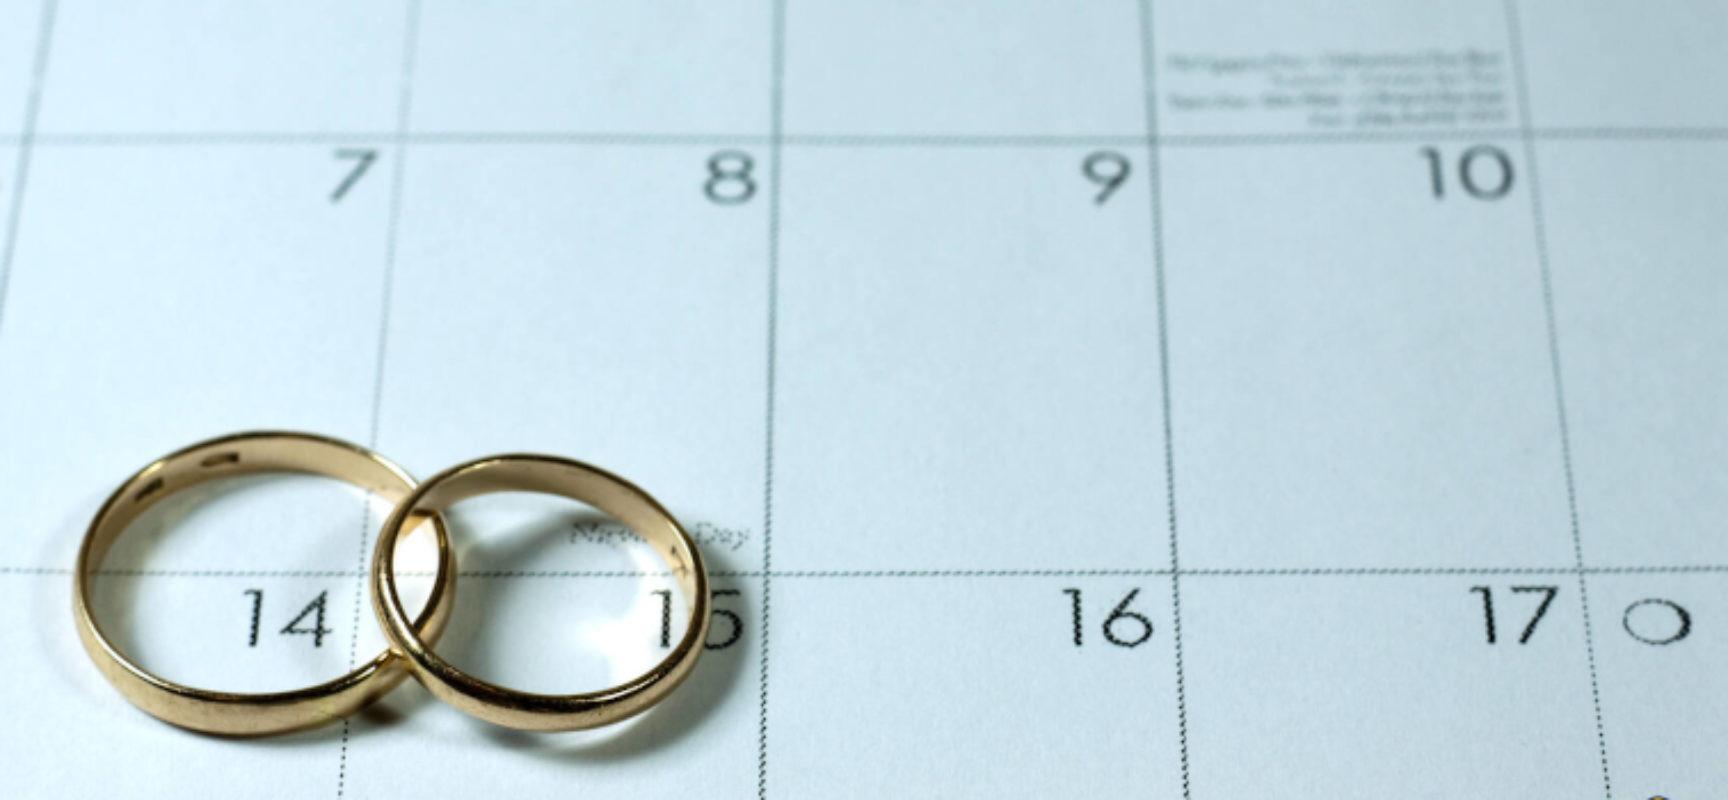 La Regione Puglia ufficializza le linee guida per cerimonie e matrimoni / DETTAGLI